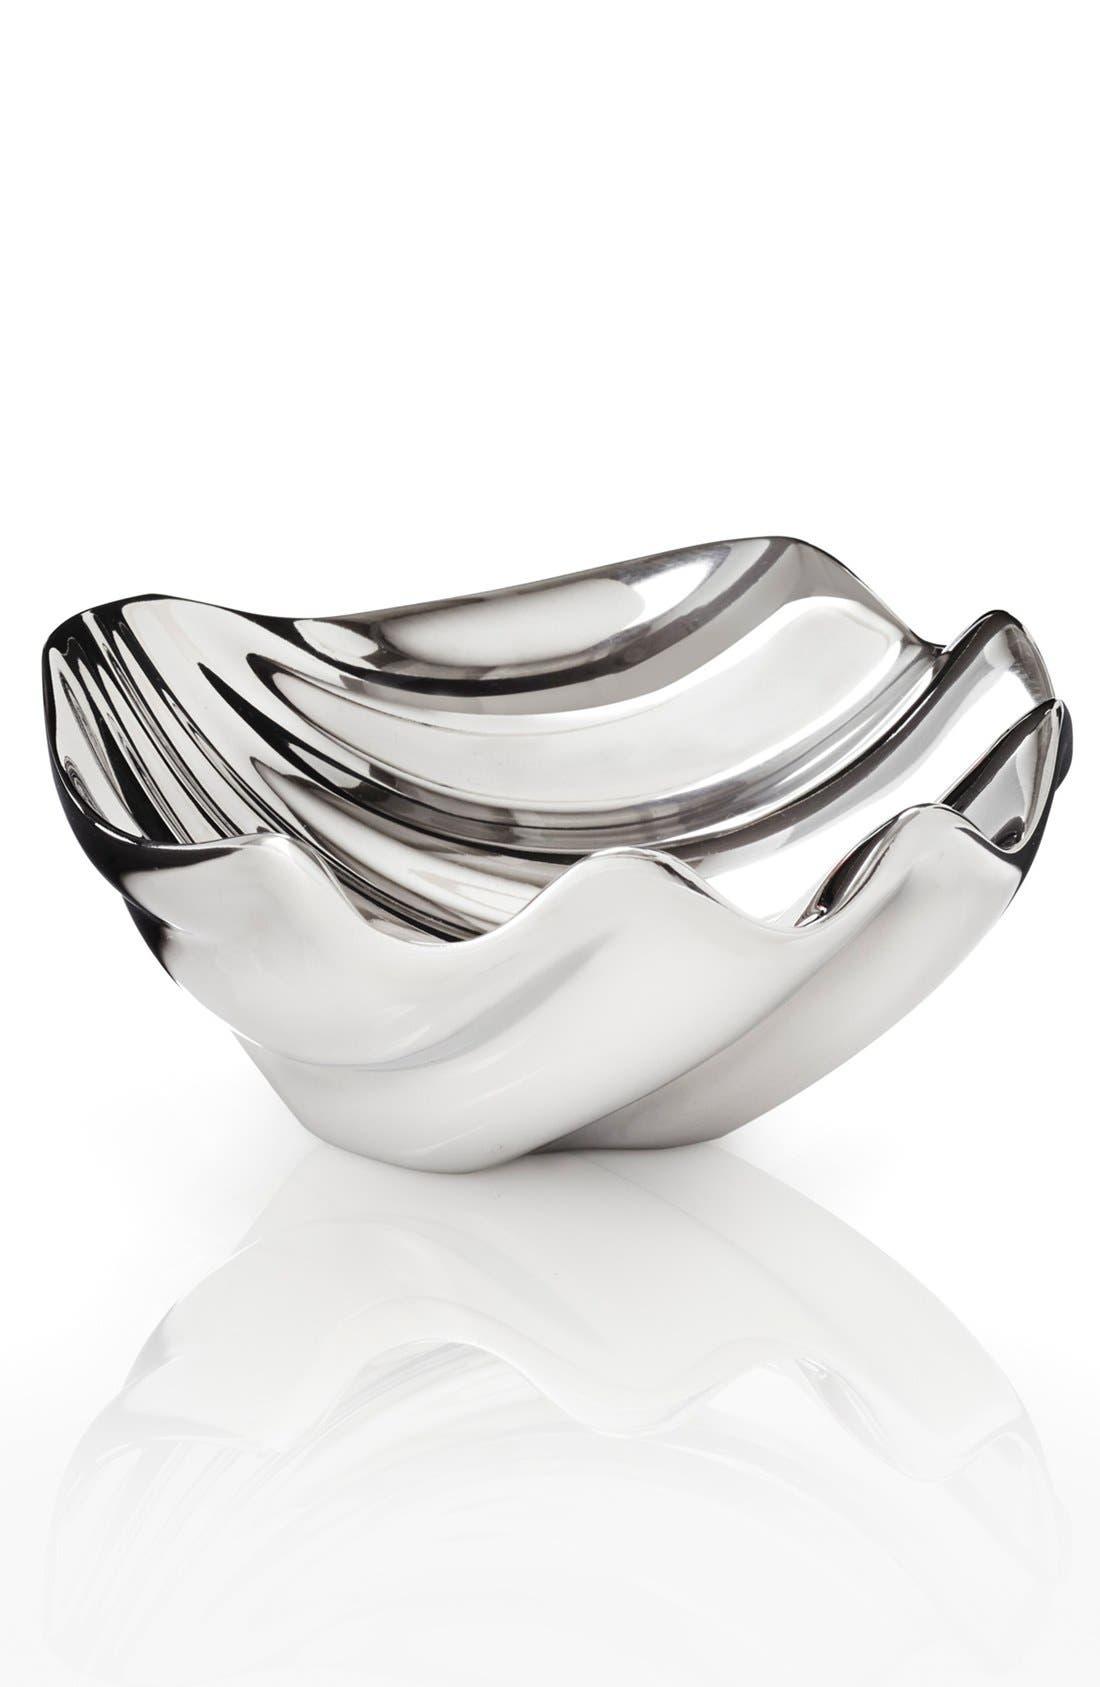 Main Image - Nambé 'Oceana' Seashell Dip Bowl